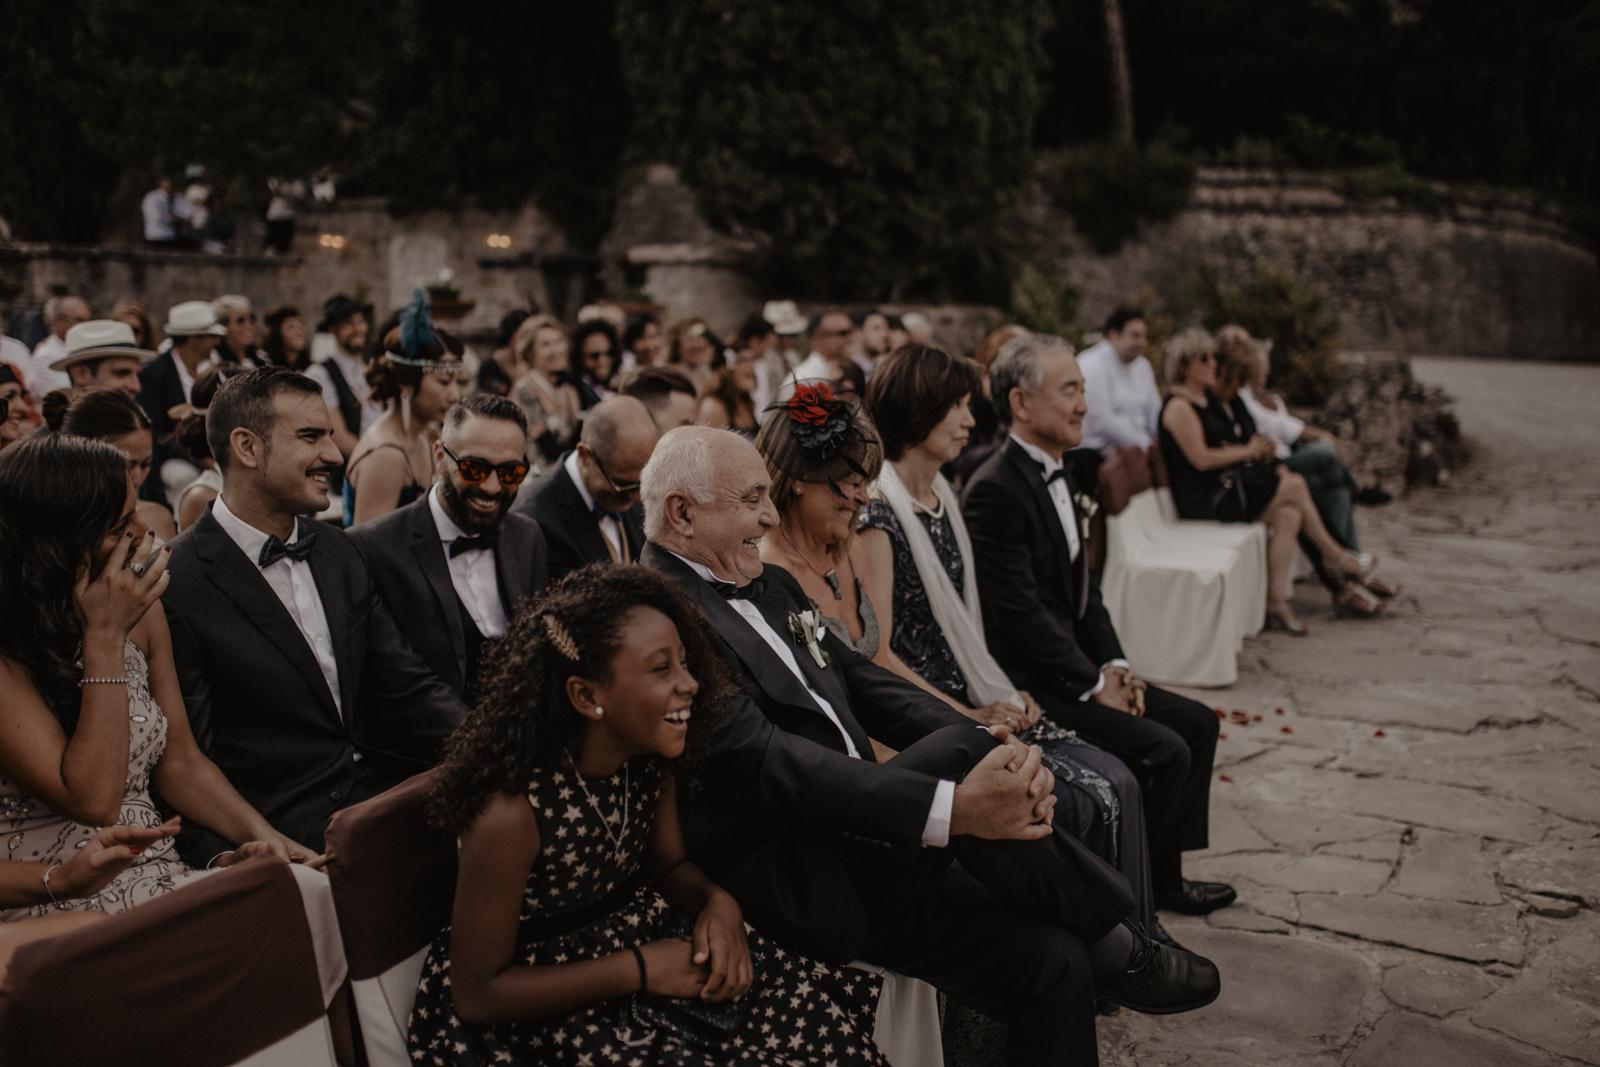 thenortherngirlphotography_photography_thenortherngirl_rebeccascabros_wedding_weddingphotography_weddingphotographer_barcelona_bodaenlabaronia_labaronia_japanesewedding_destinationwedding_shokoalbert-426.jpg